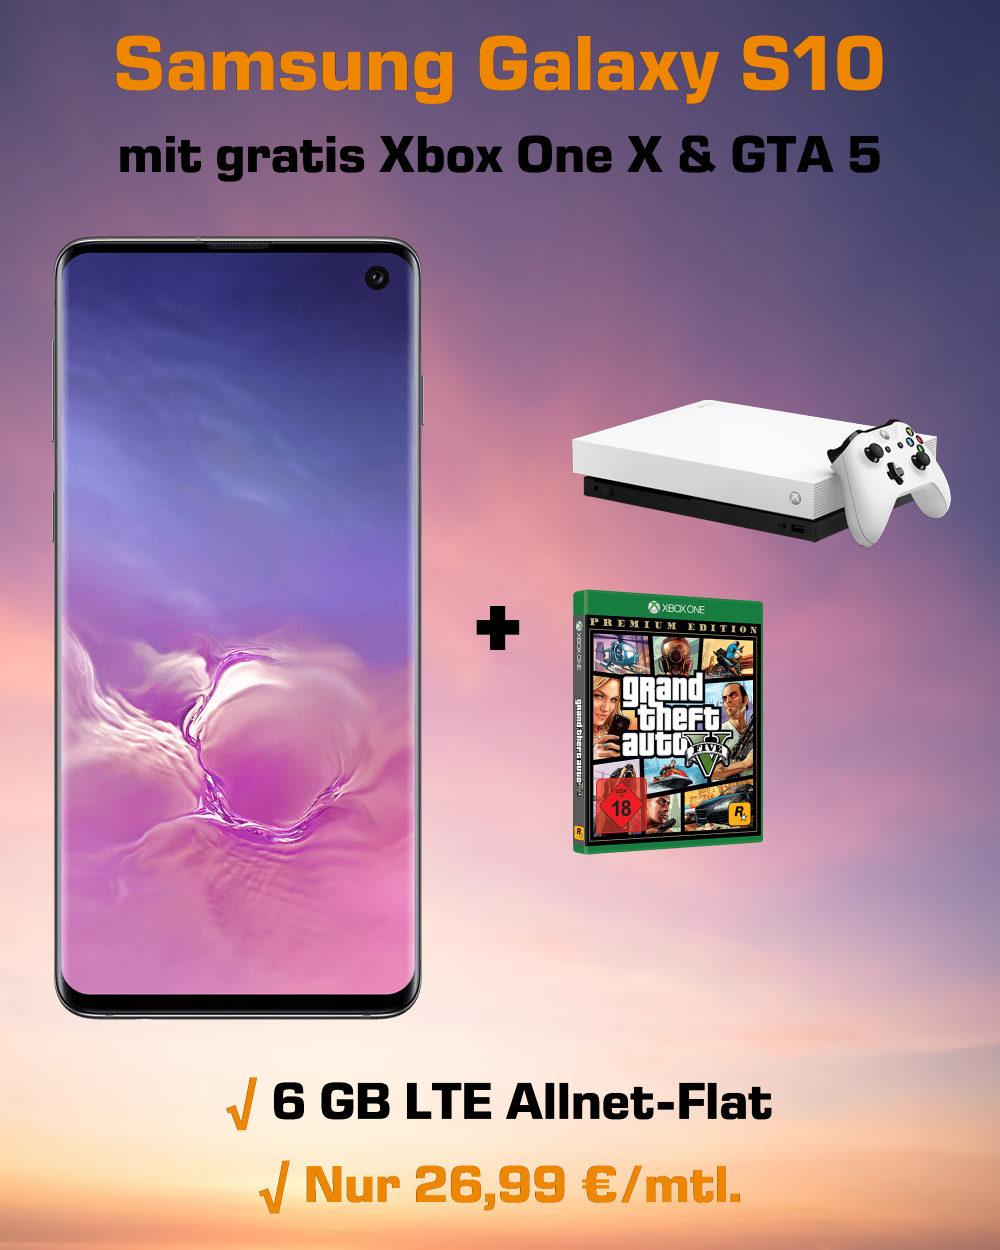 Galaxy S10 inkl. Xbox One X, GTA 5 und 6 GB LTE zum absoluten Tiefstpreis